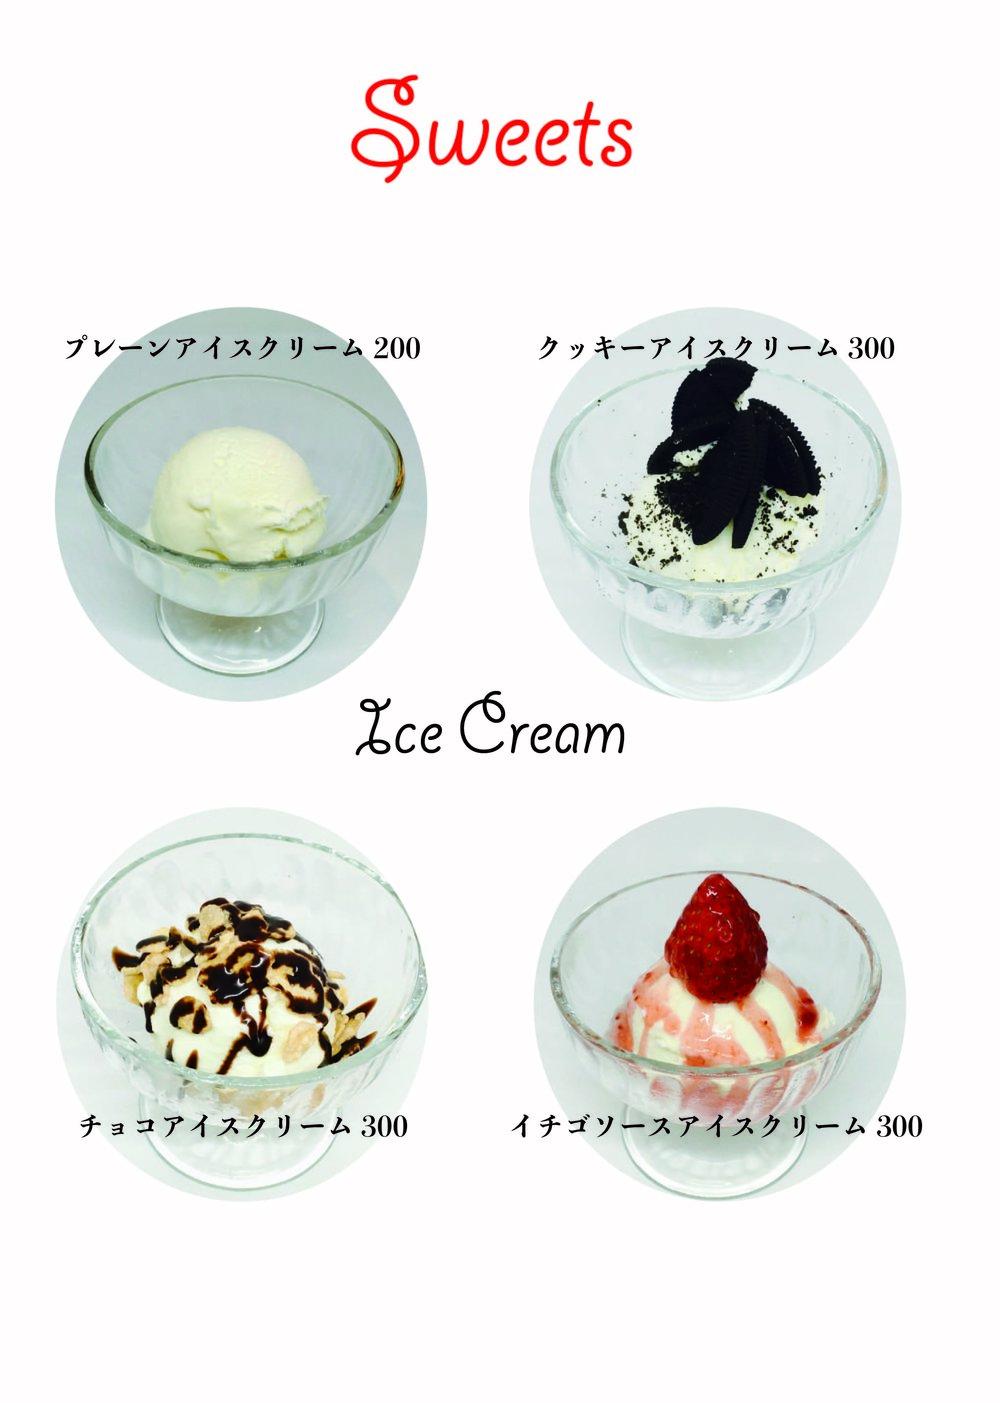 sweets2-01.jpg